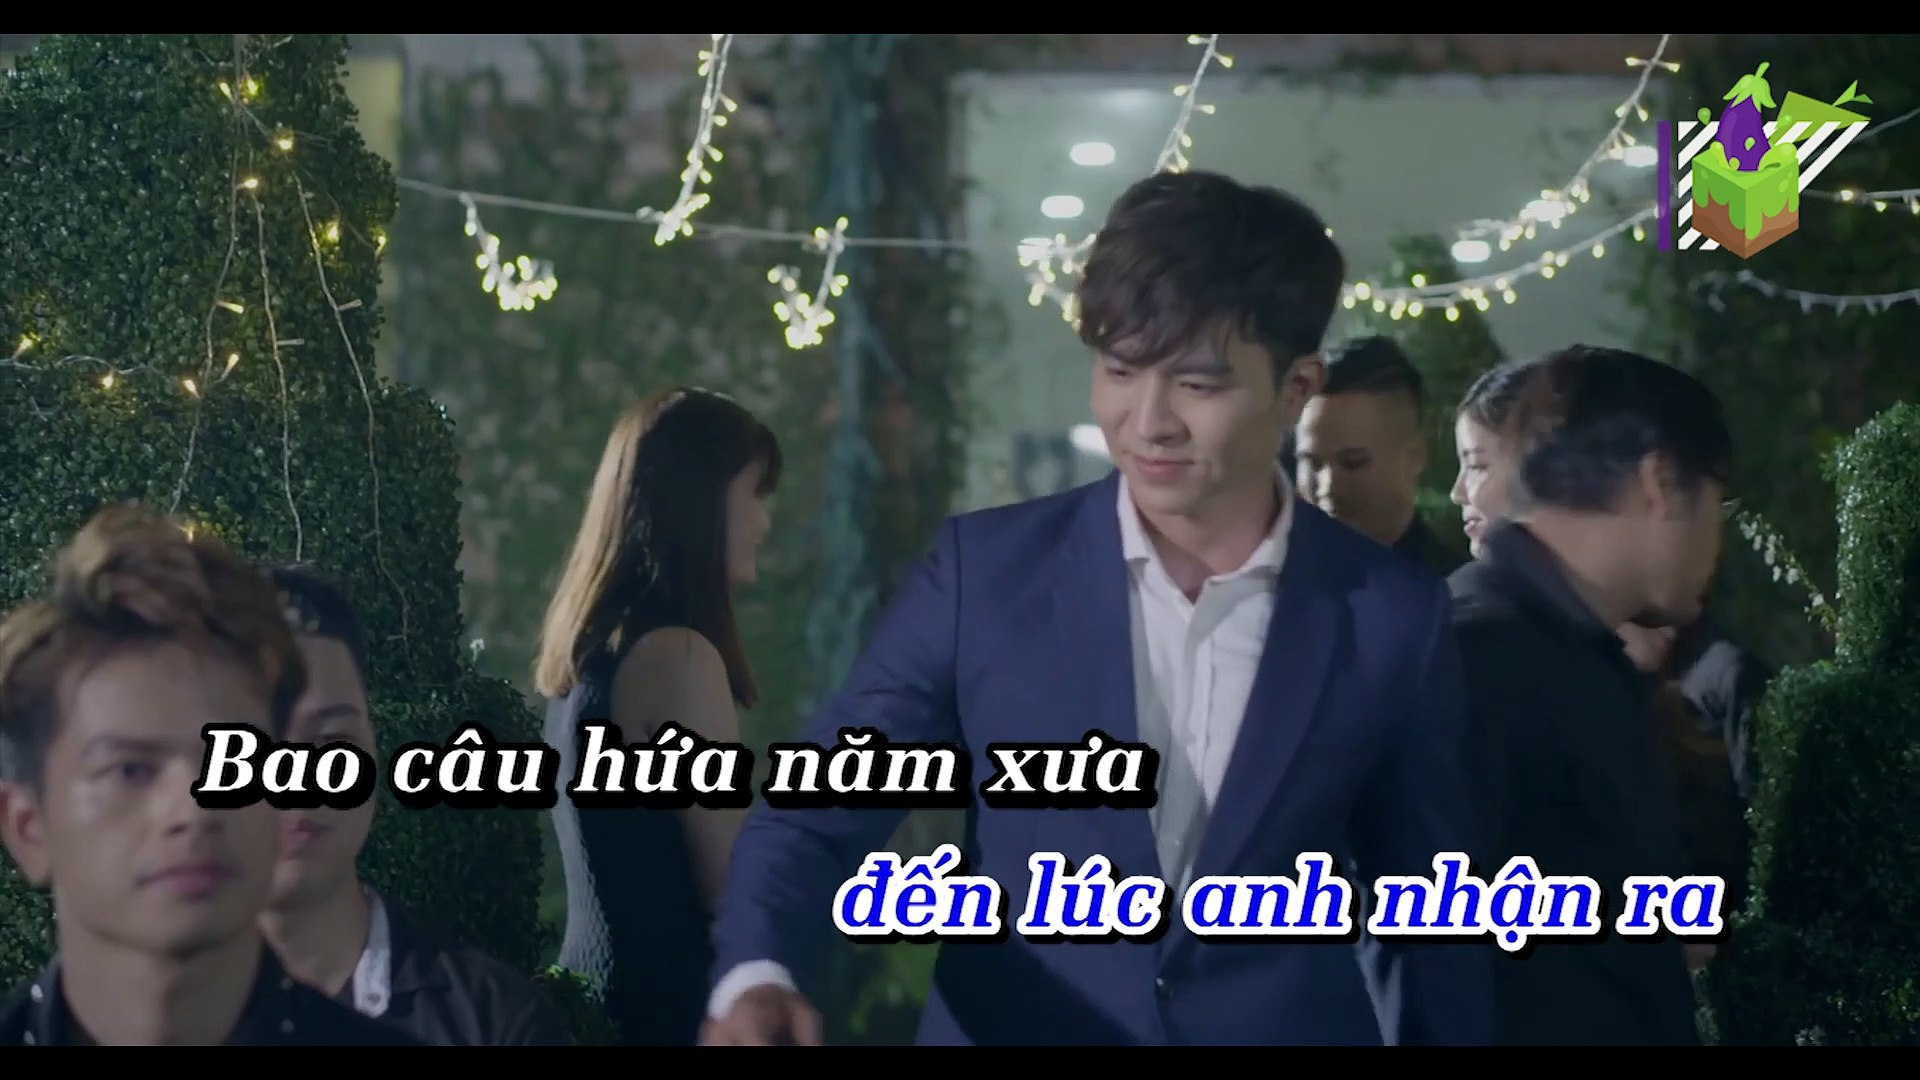 [Karaoke] Ai Rồi Cũng Sẽ Khác - Quang Hà [Beat]